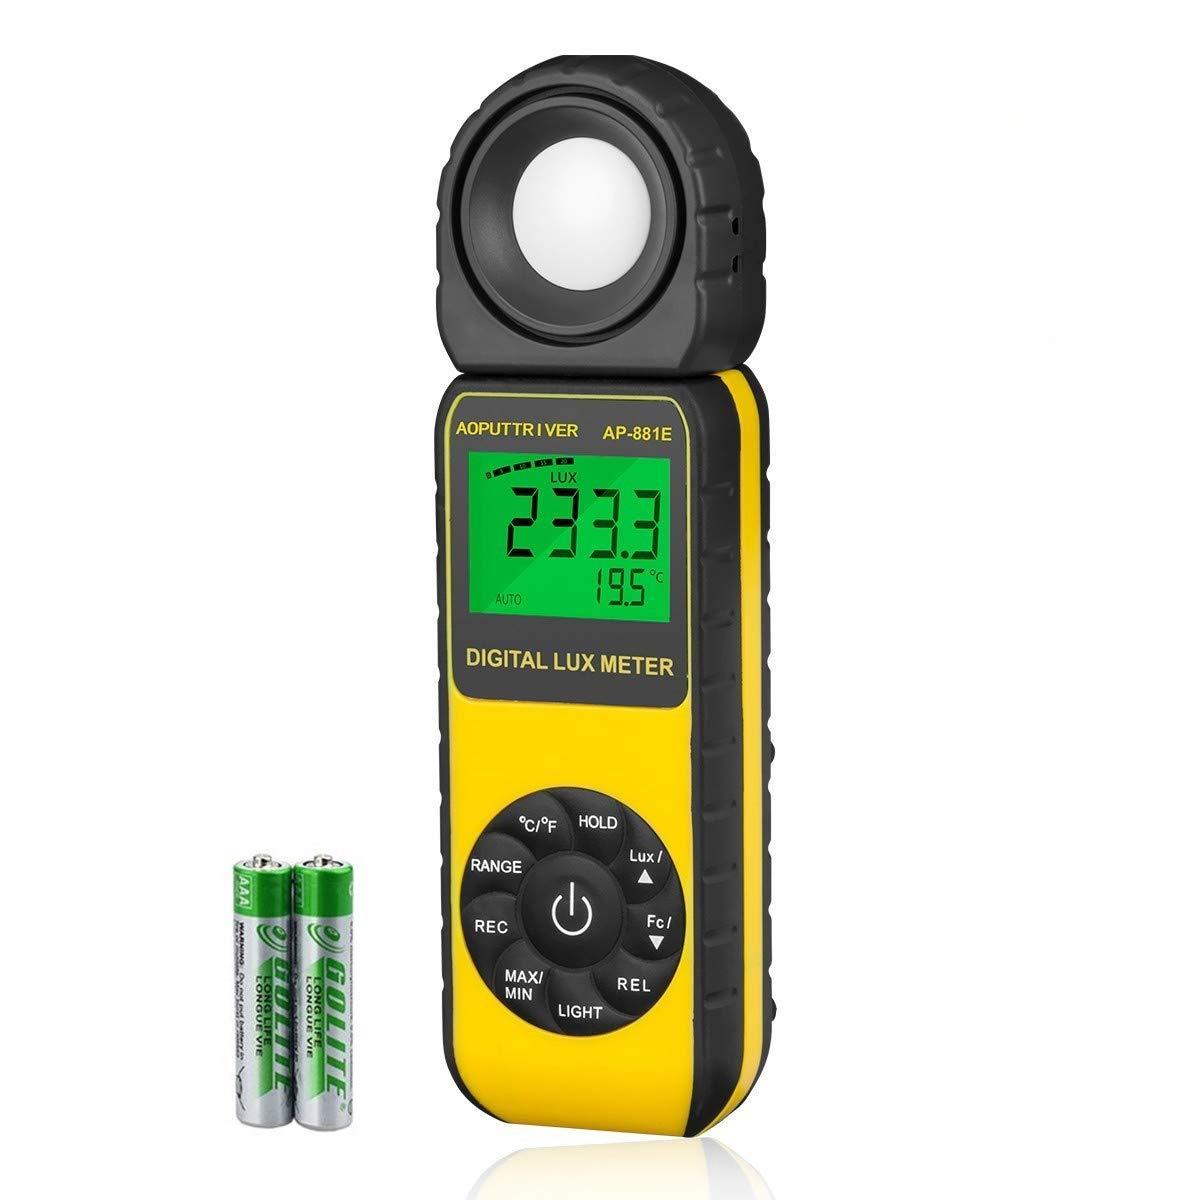 AP-881E Gama de Medidores LUX Digitales Hasta 300,000Lux, Medidor de Luz Digital Portátil Temperatura Ambiente ISO, ROHS, GMC Aprobado